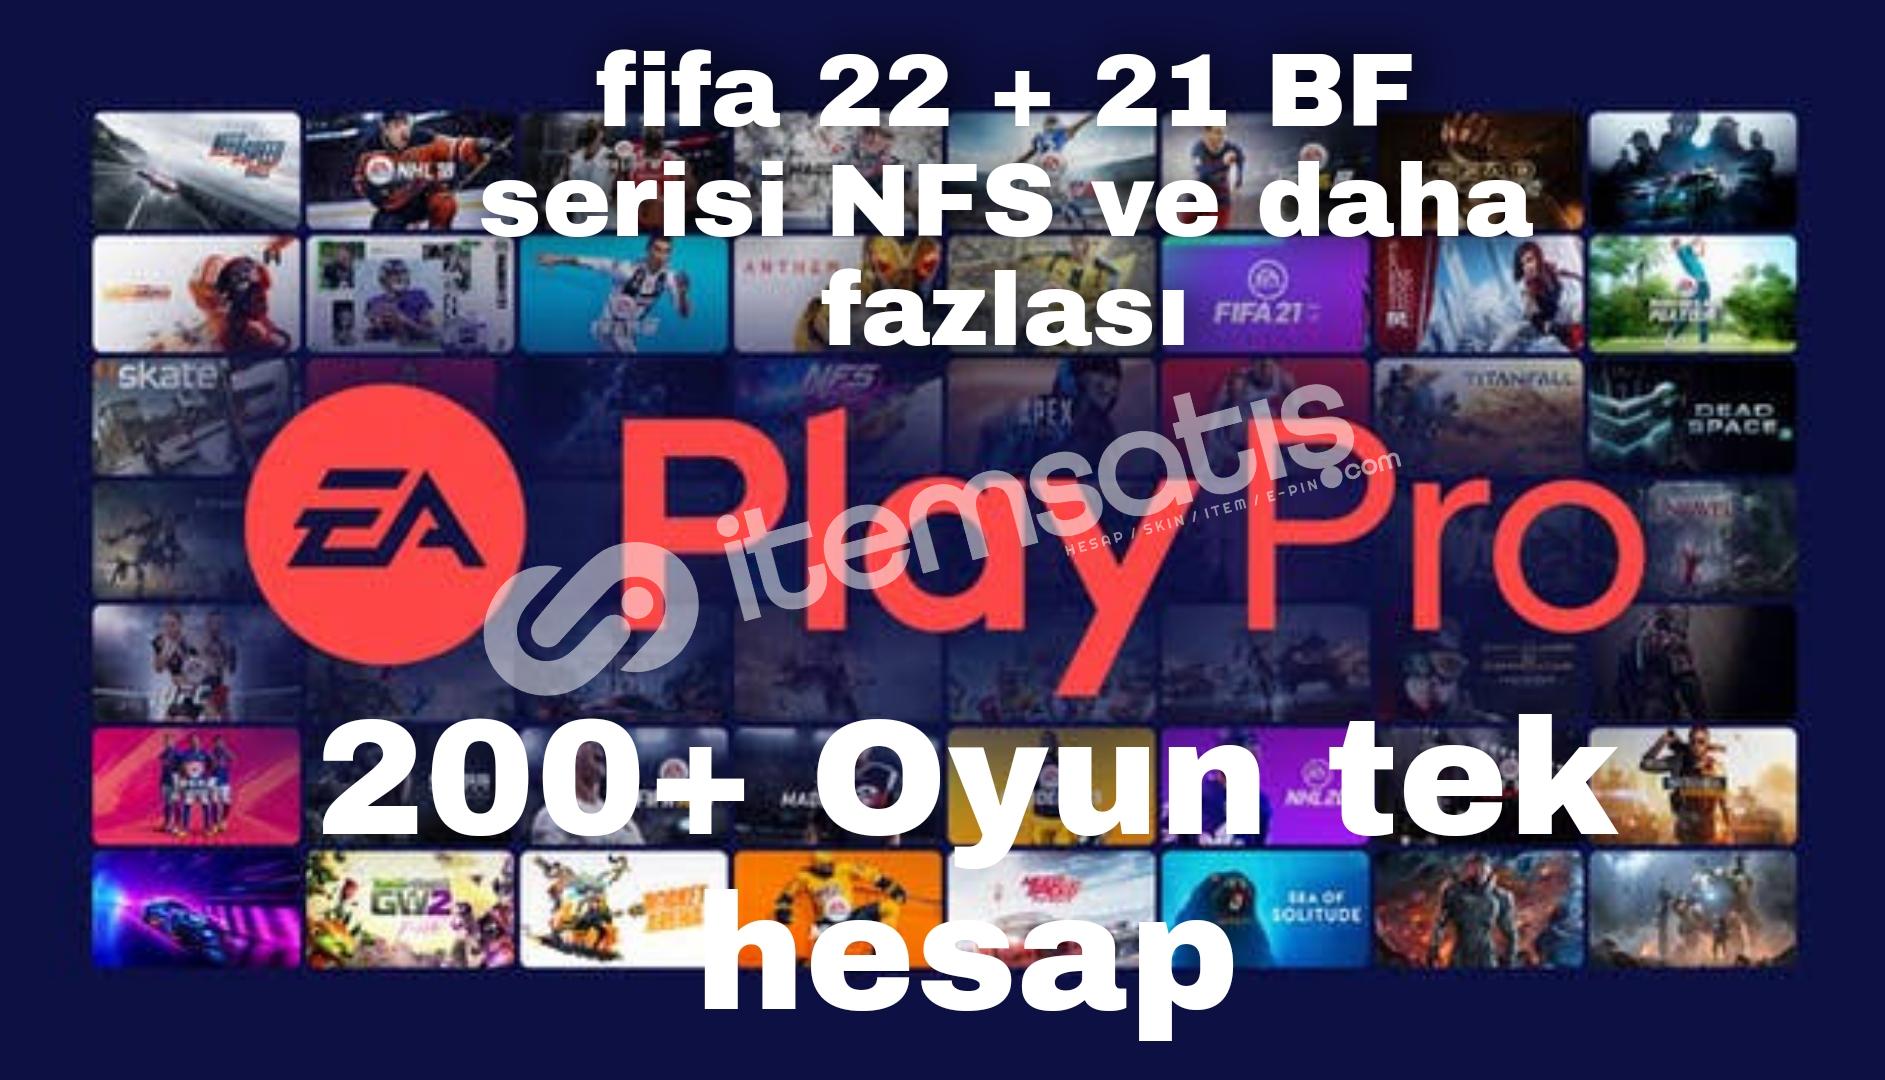 Ea play pro   FİFA 22 + steam + uplay Hediye